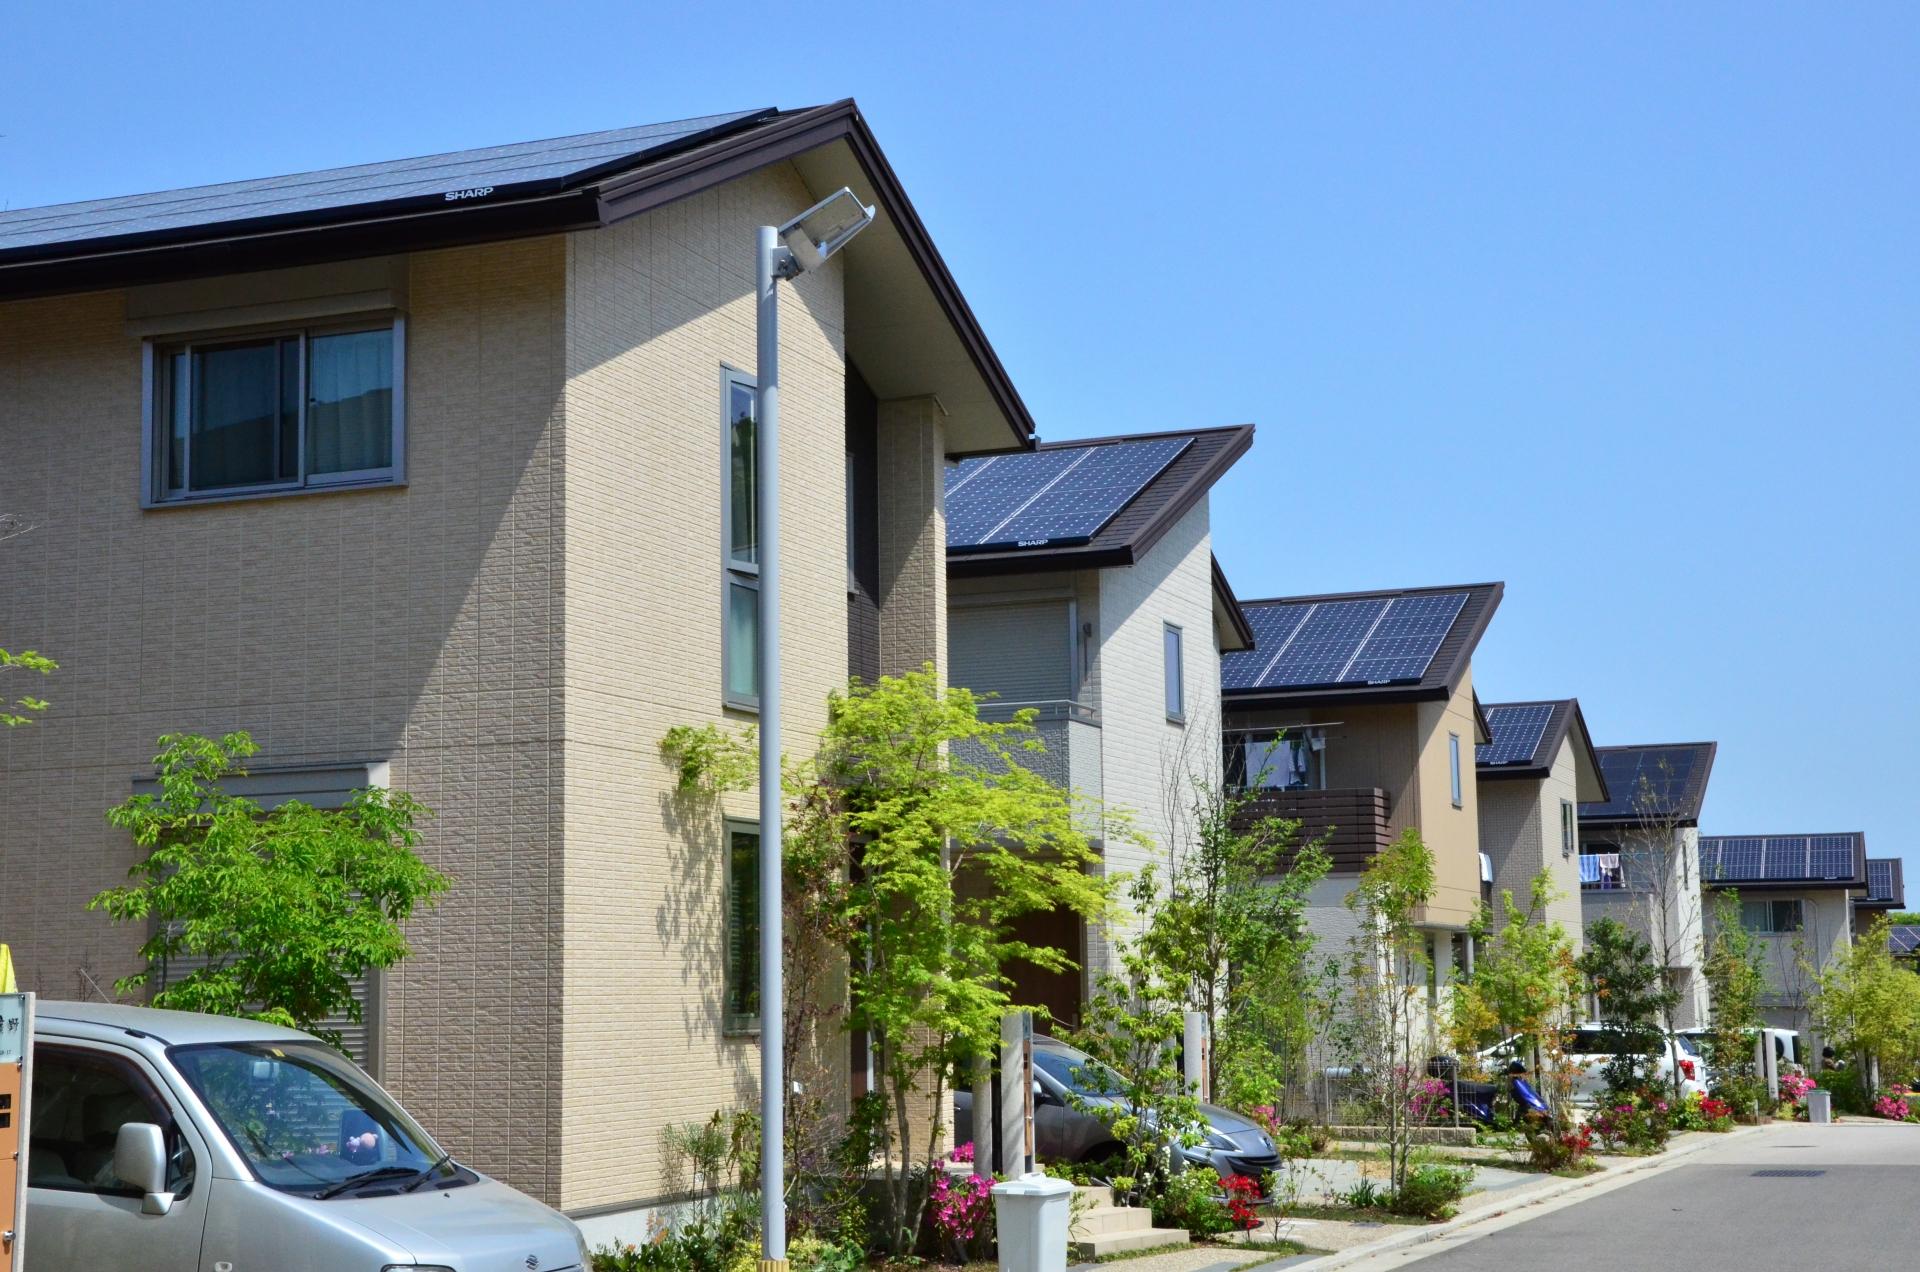 再生可能エネルギーの固定価格買取制度 期間満了後のご案内